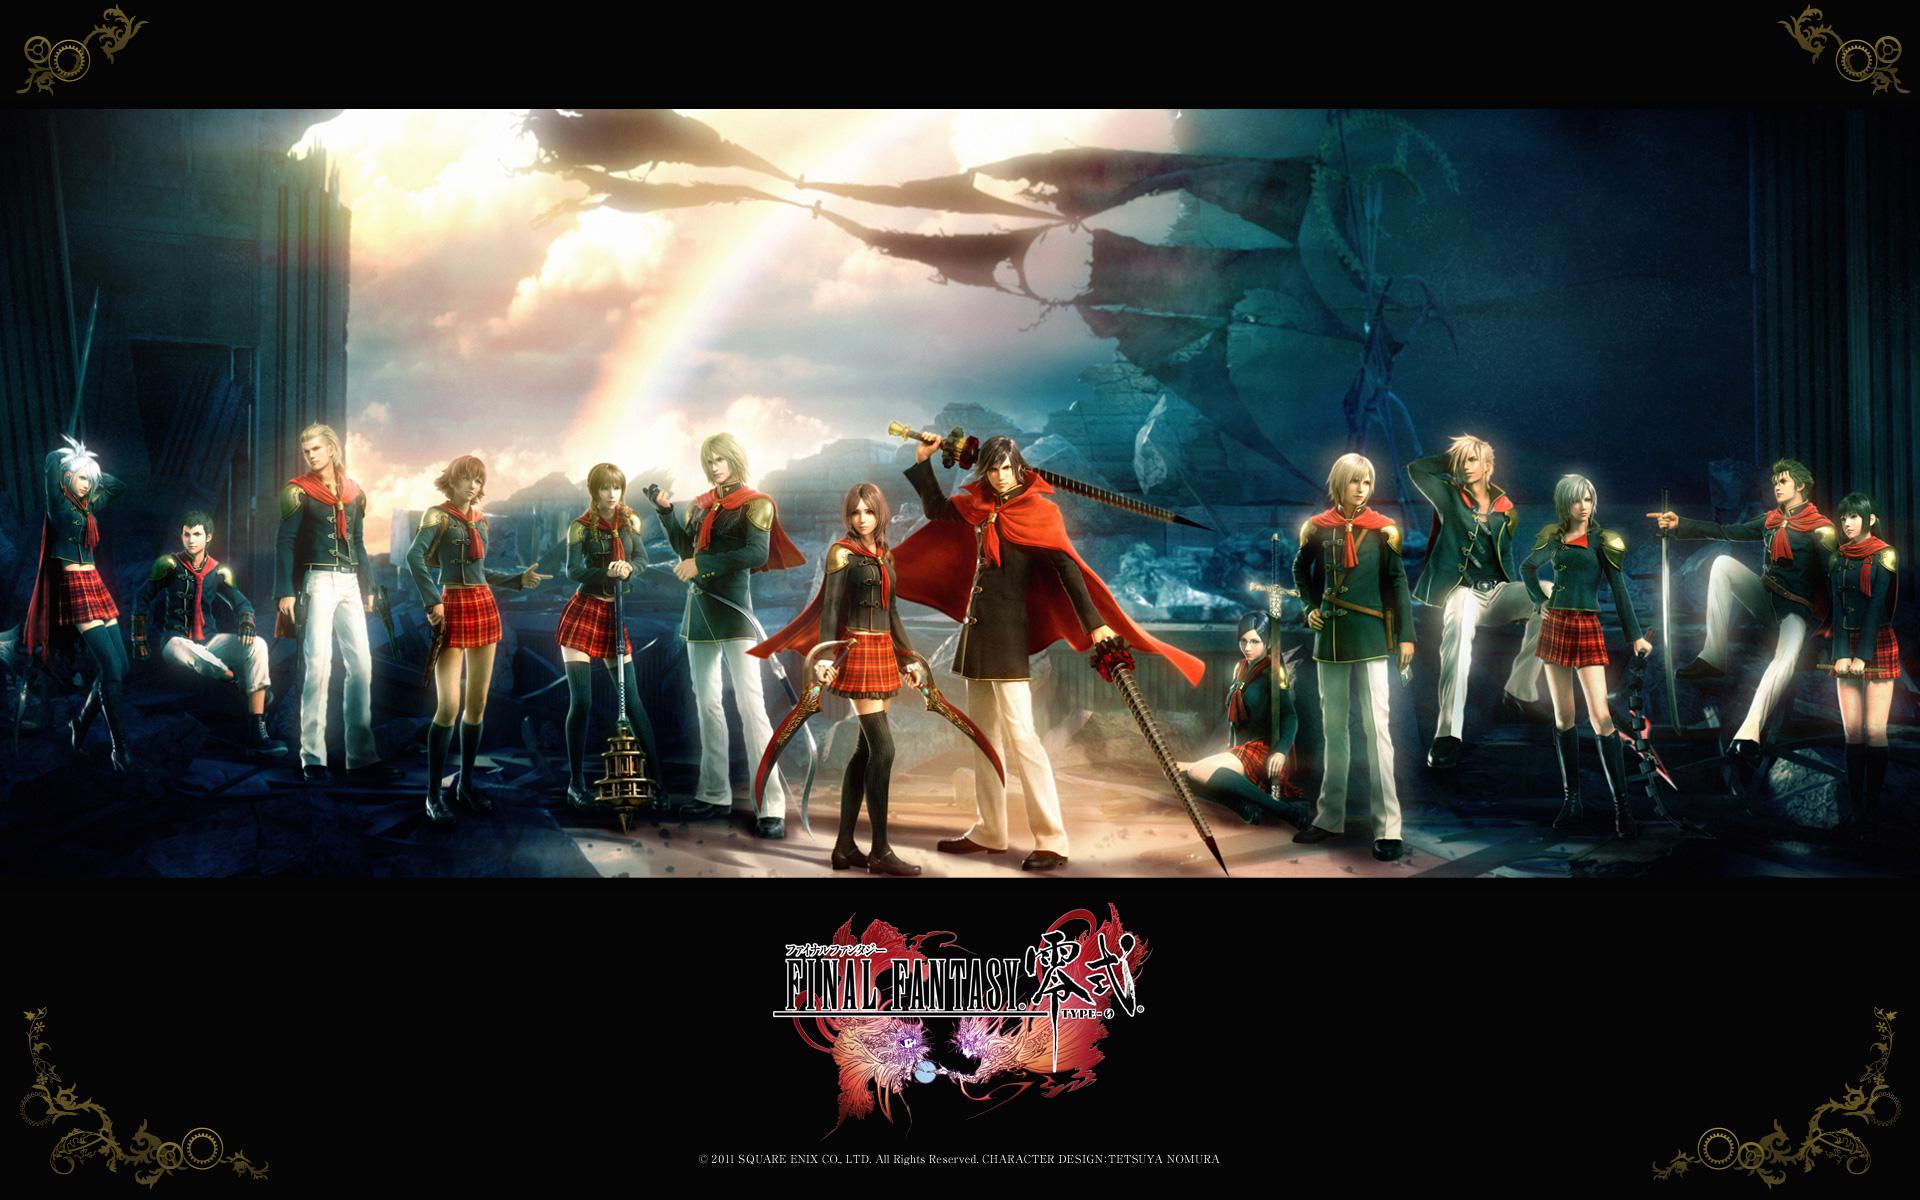 Free Final Fantasy Type-0 Wallpaper in 1920x1200